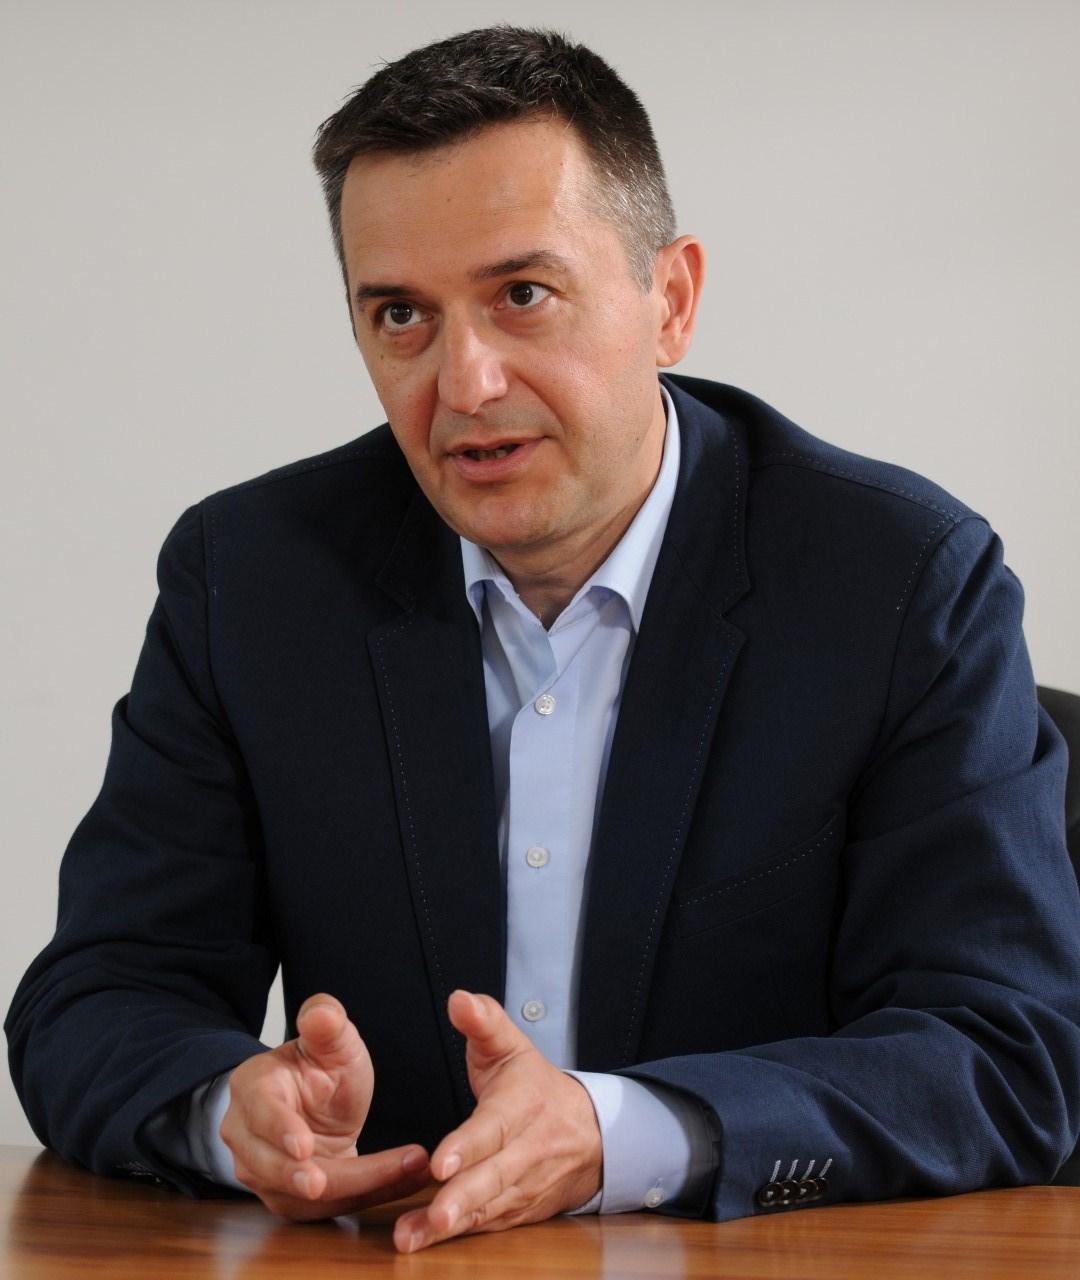 """Kremenović: """"Mikrofin"""" sa dvije milijarde kredita vlada trećinom tržišta BiH"""